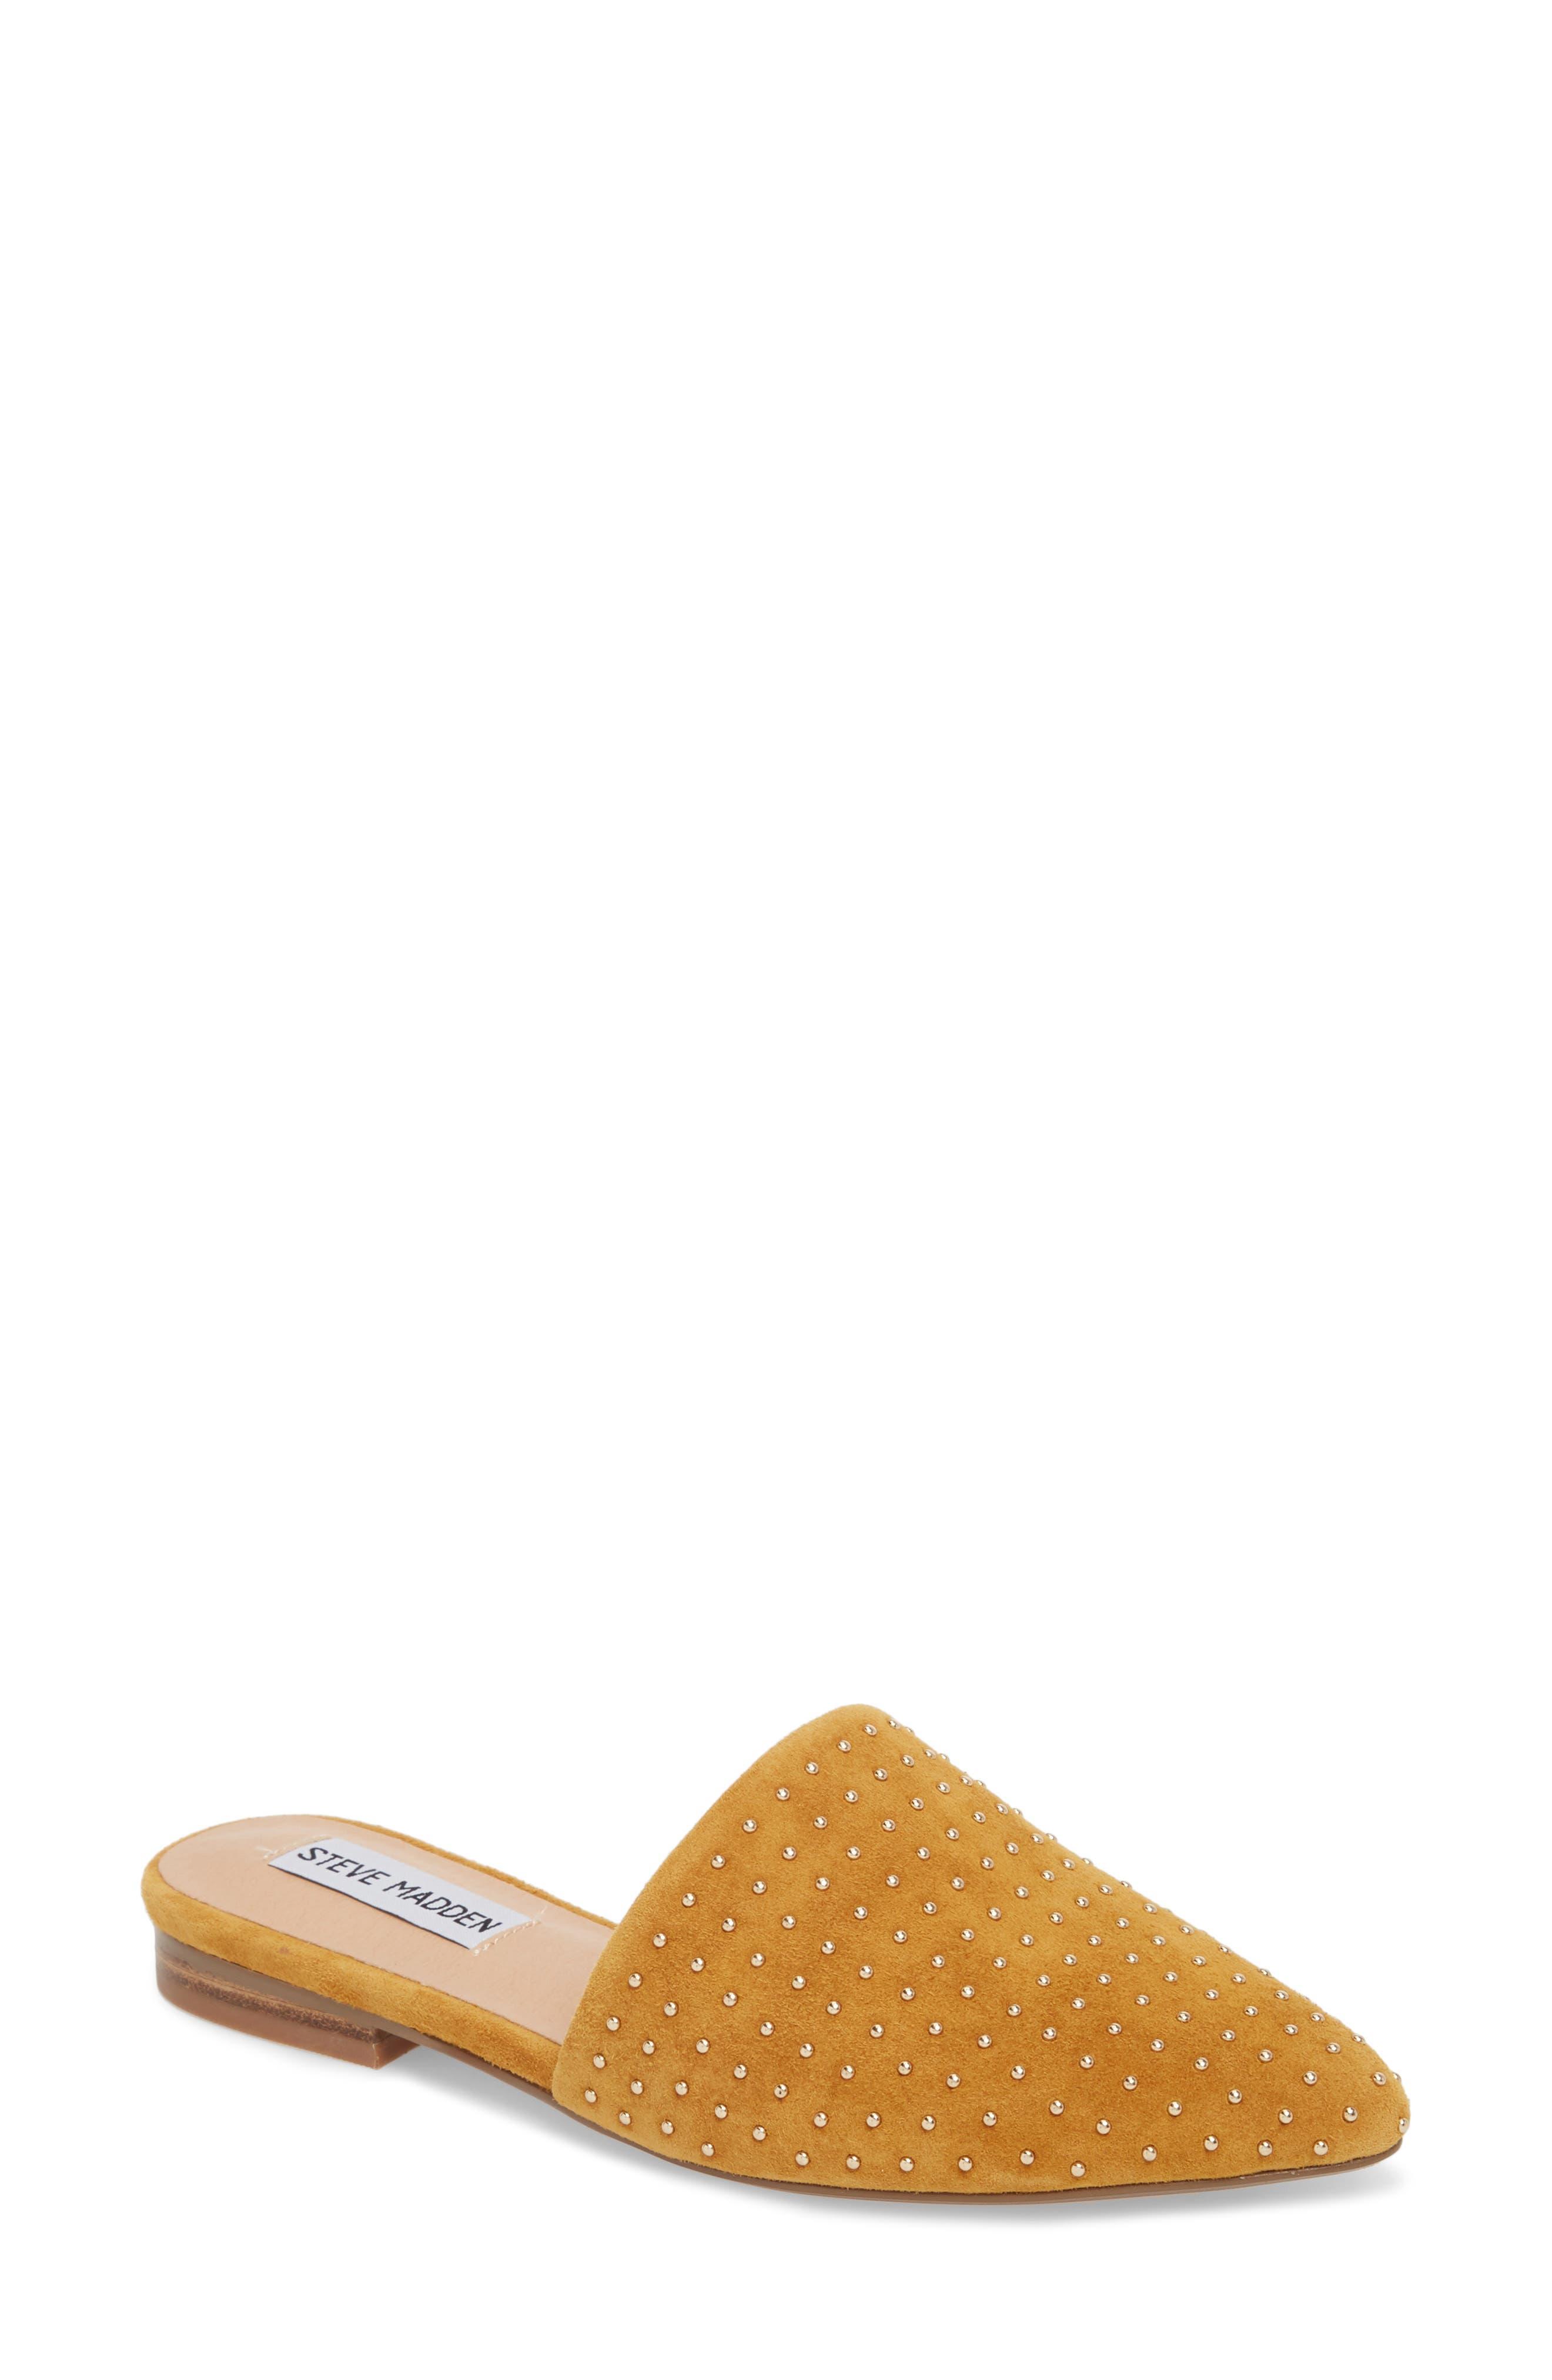 Nike SportswearKAWA SLIDE - Mules - pink prime/orange peel WyKJ0